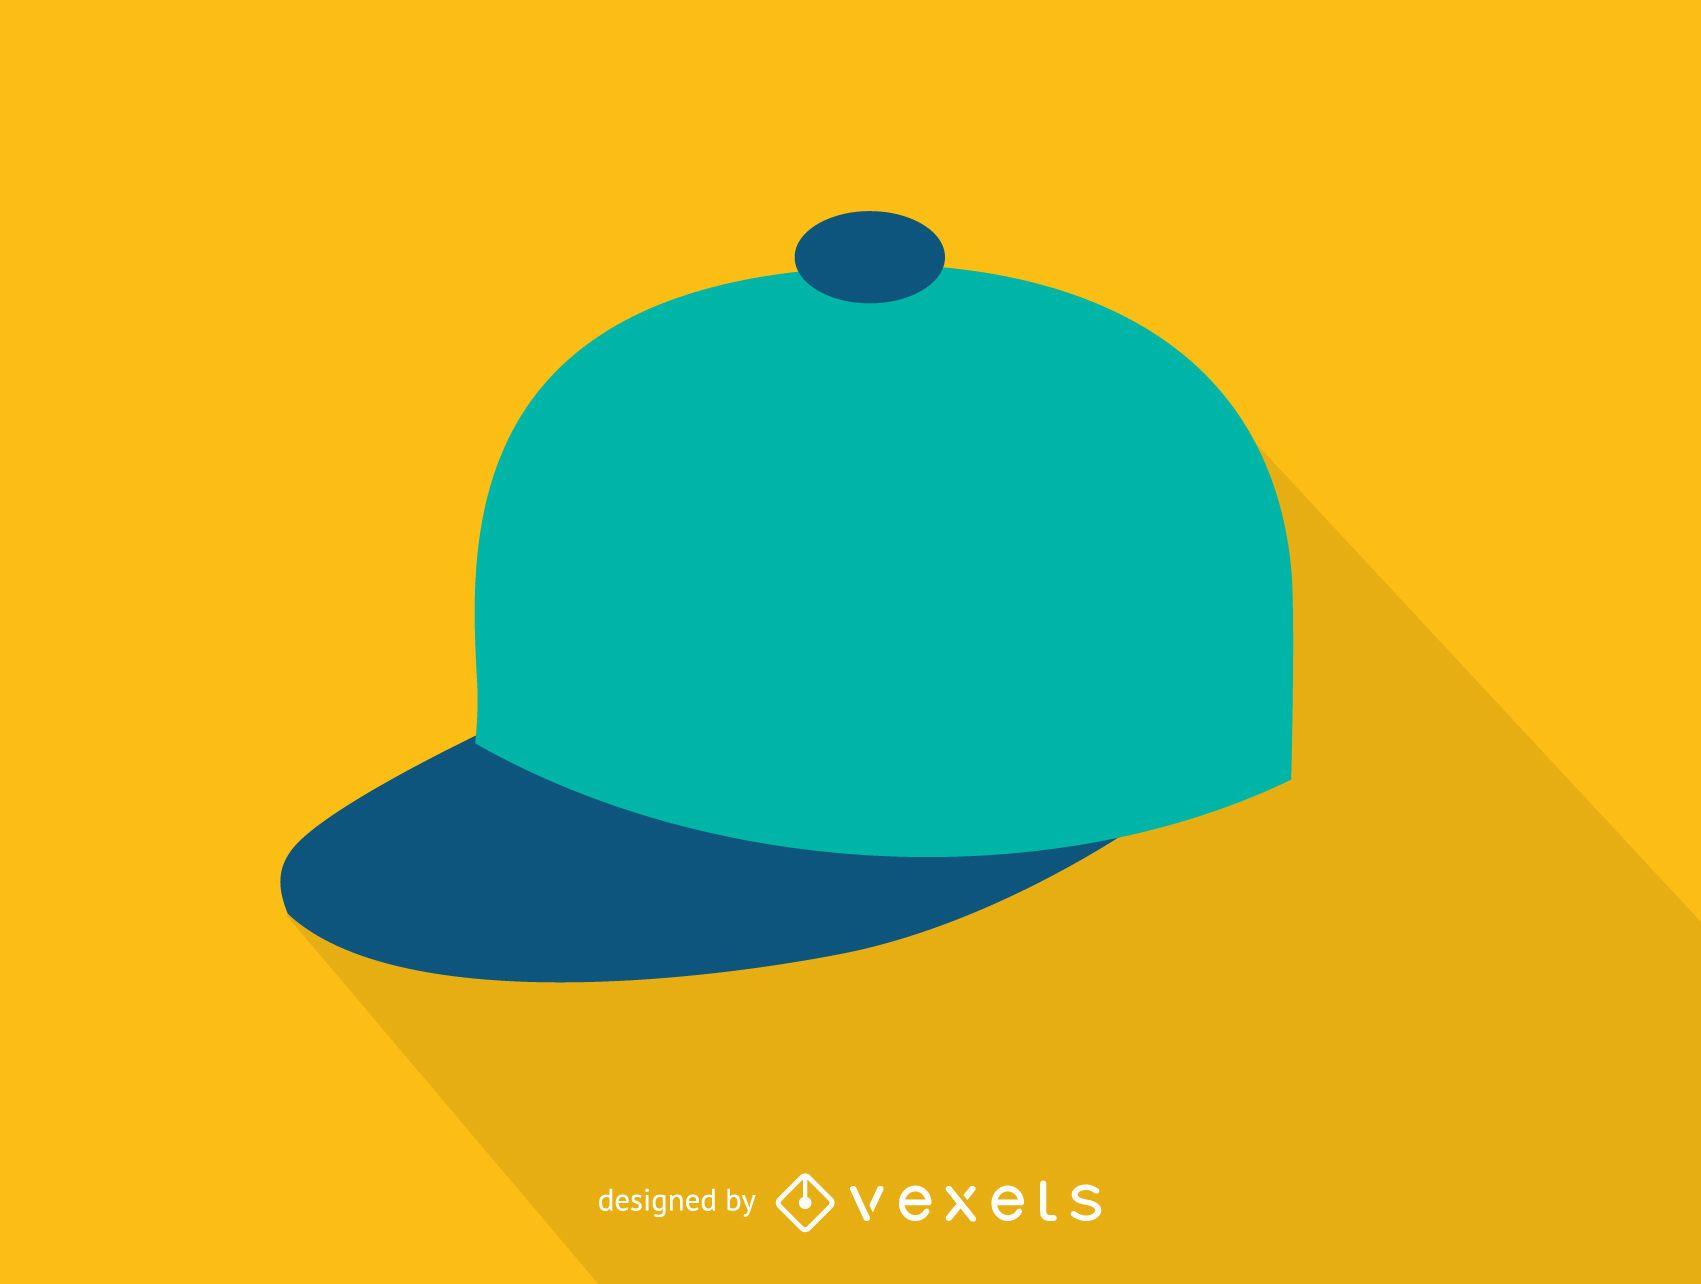 Icono de gorra de b?isbol simple